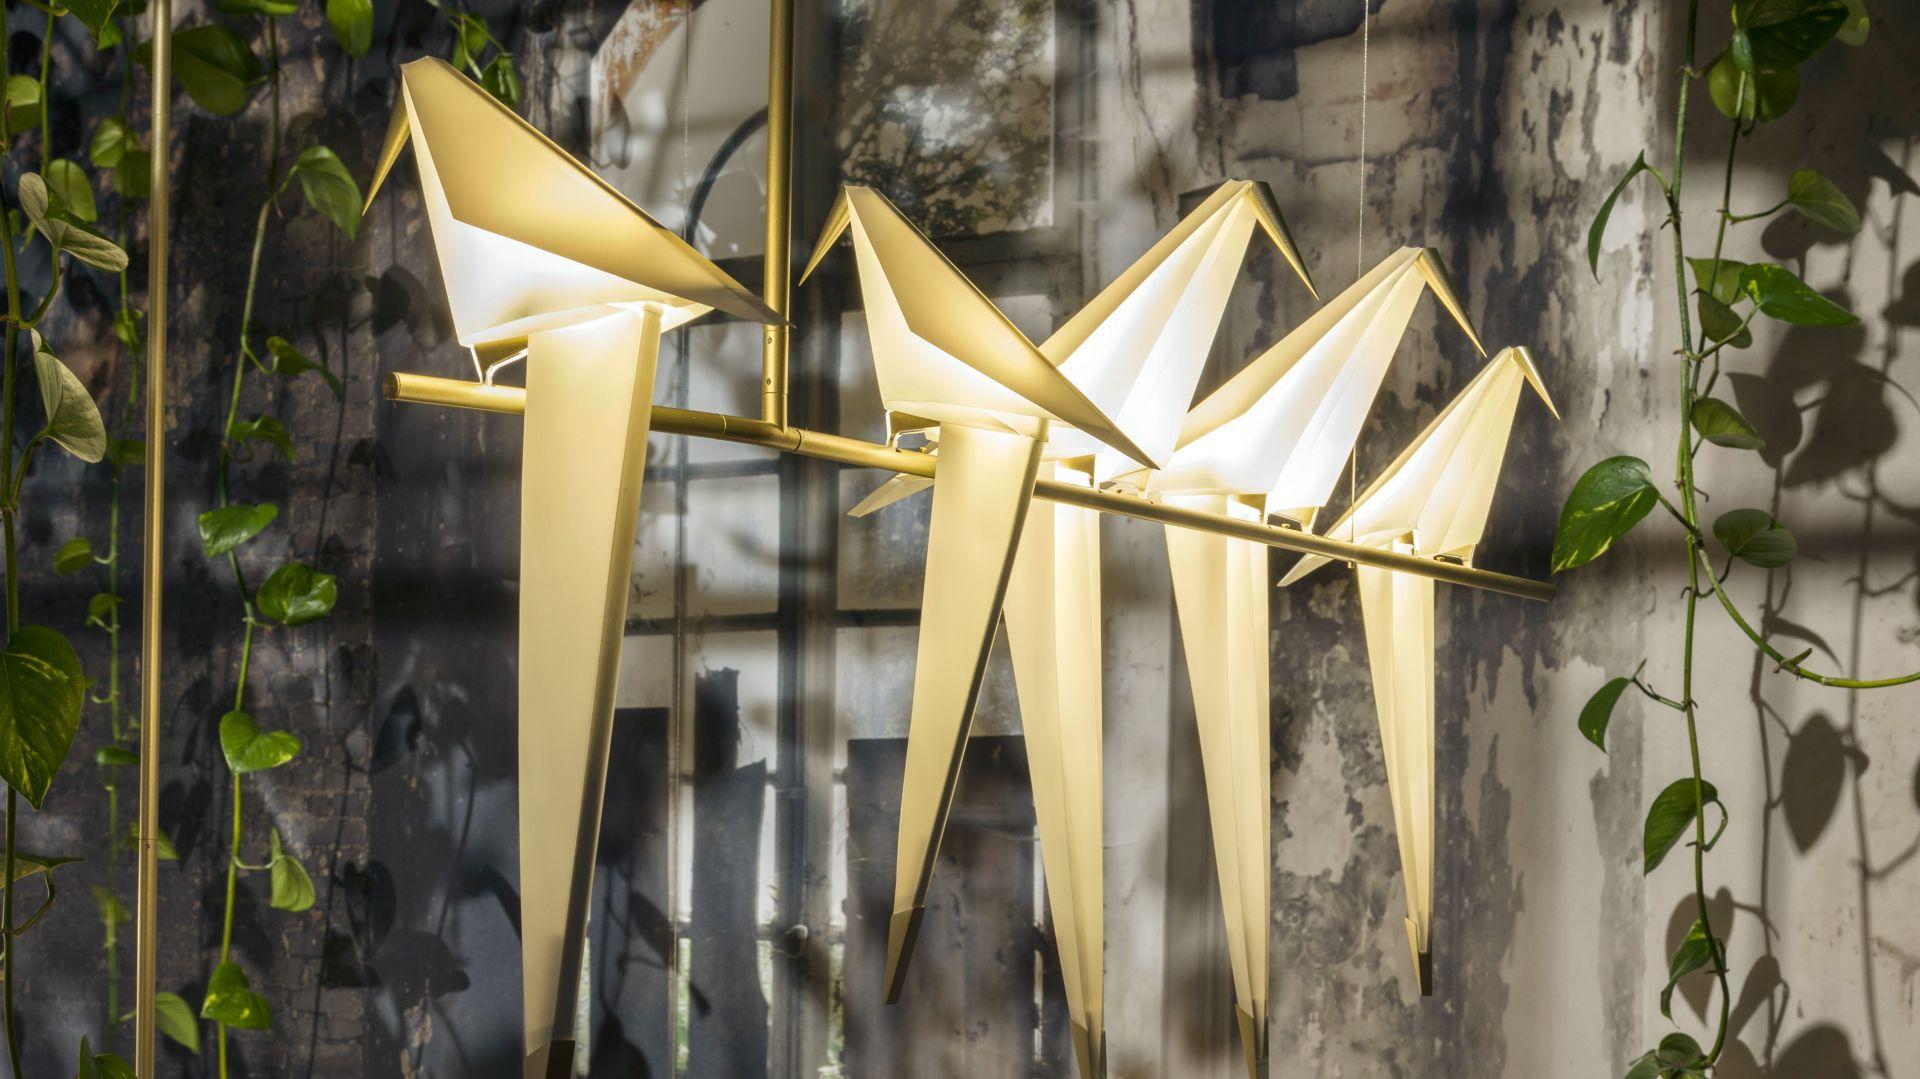 Stworzona we współpracy z firmą Moooi rodzina sześciu rzeźbiarskich lamp Perch Lamp for Moooi przedstawia ptaki siedzące na gałęzi. Fot. Moooi